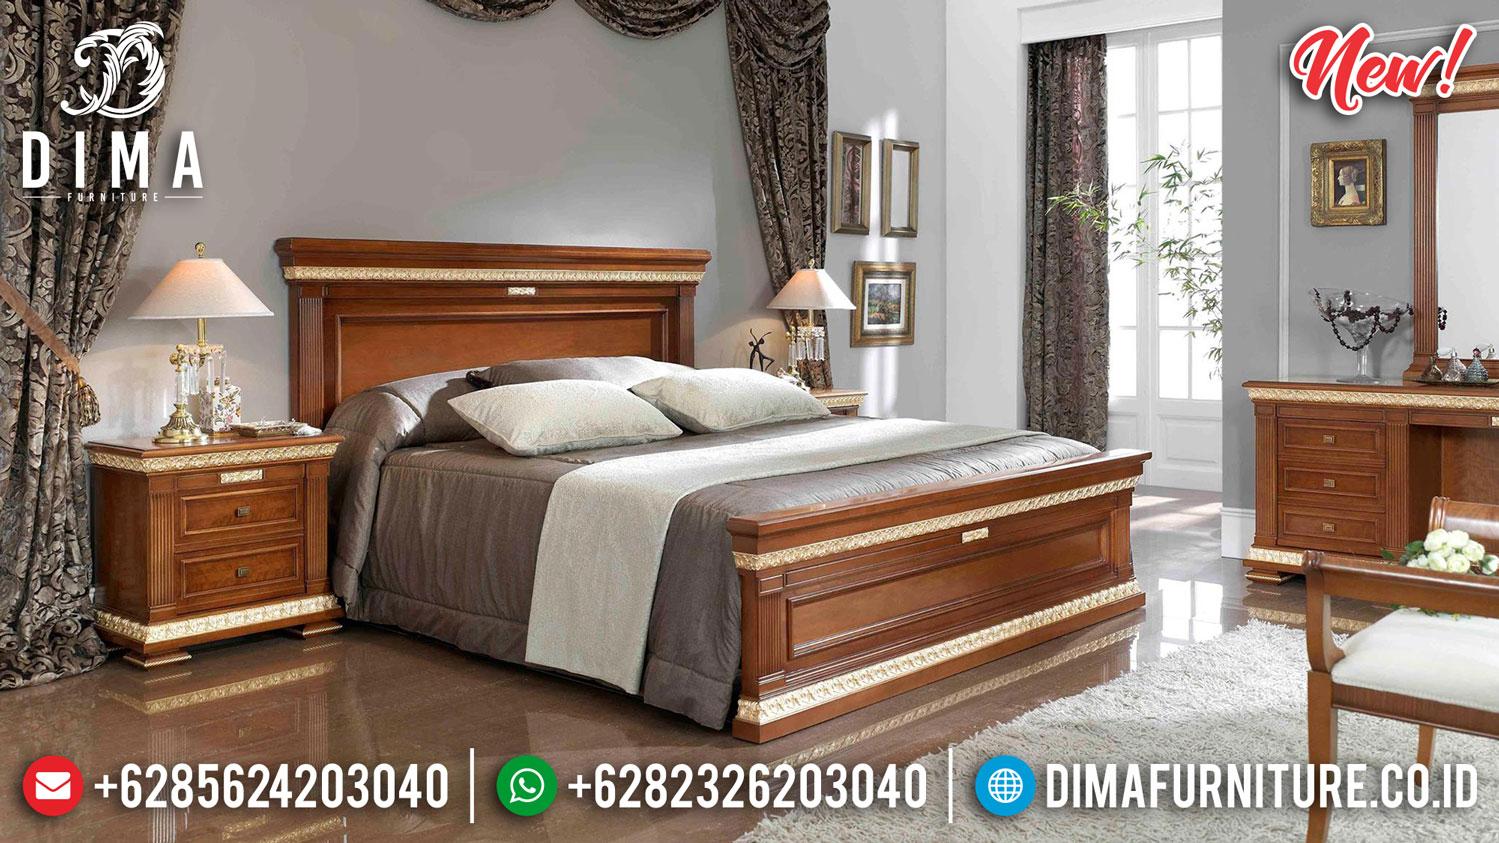 Tempat Tidur Jati Minimalis Modern Natural Bright Brown New Sale 2020 TTJ-1018